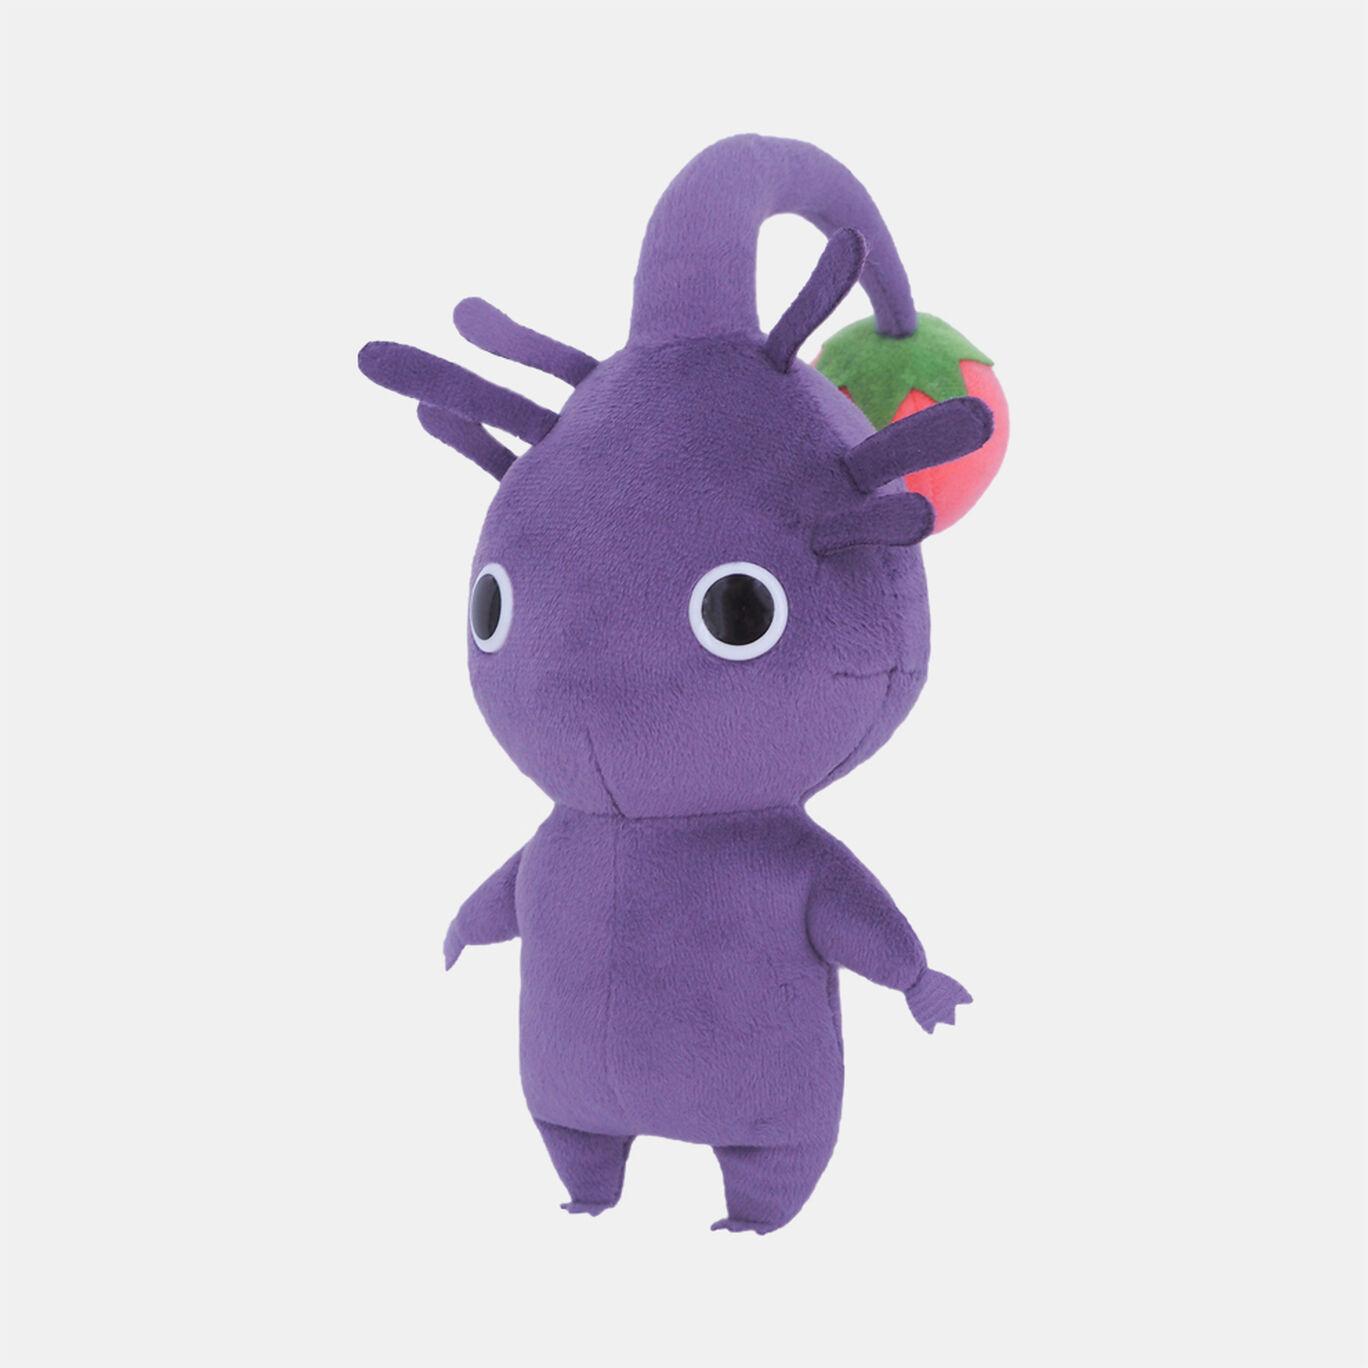 ピクミンぬいぐるみ PK08 紫ピクミン